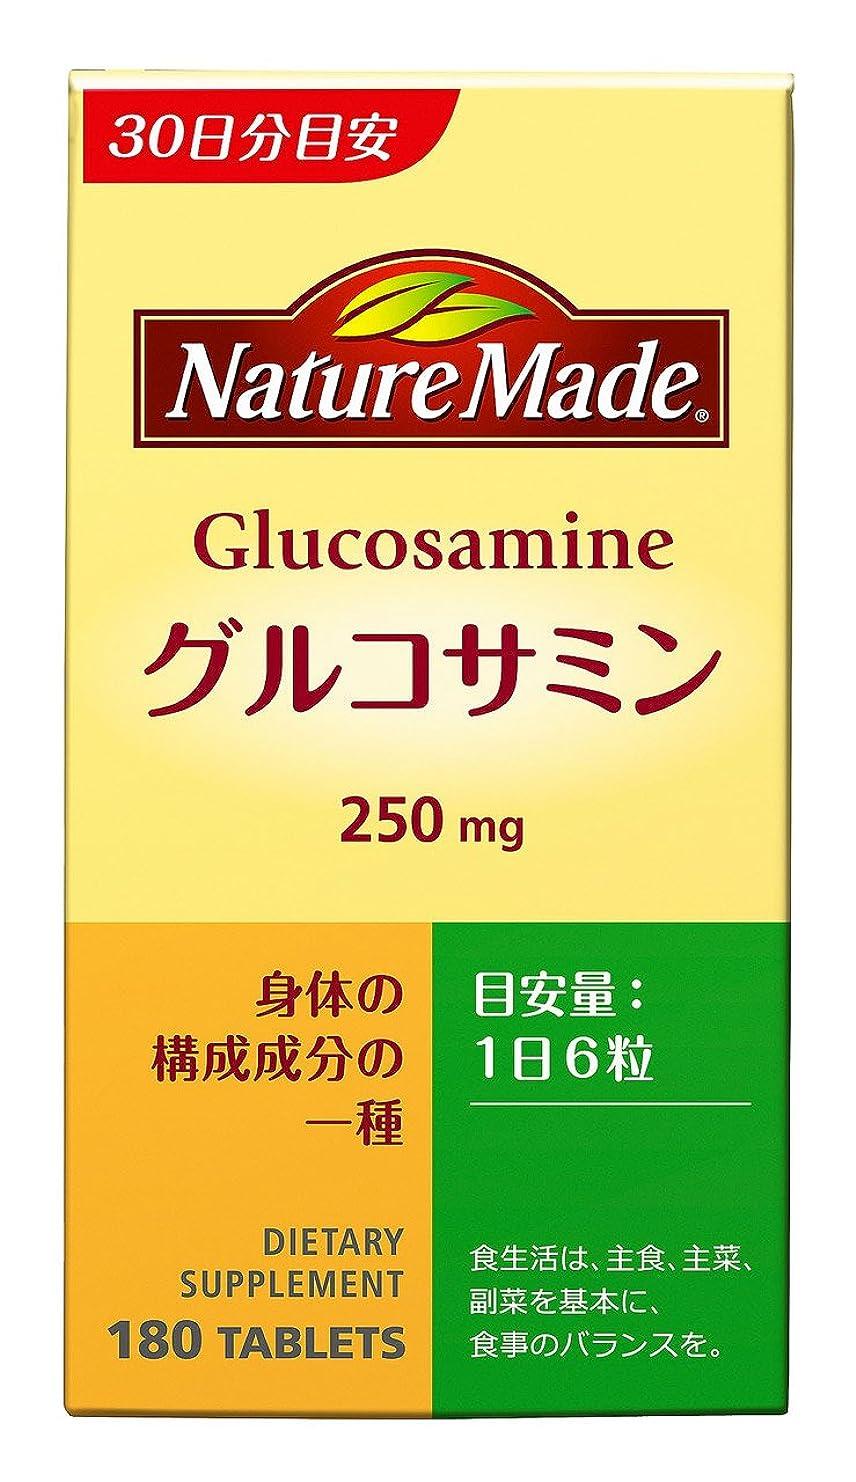 摂動過言オーバーヘッド大塚製薬 ネイチャーメイド グルコサミン 180粒